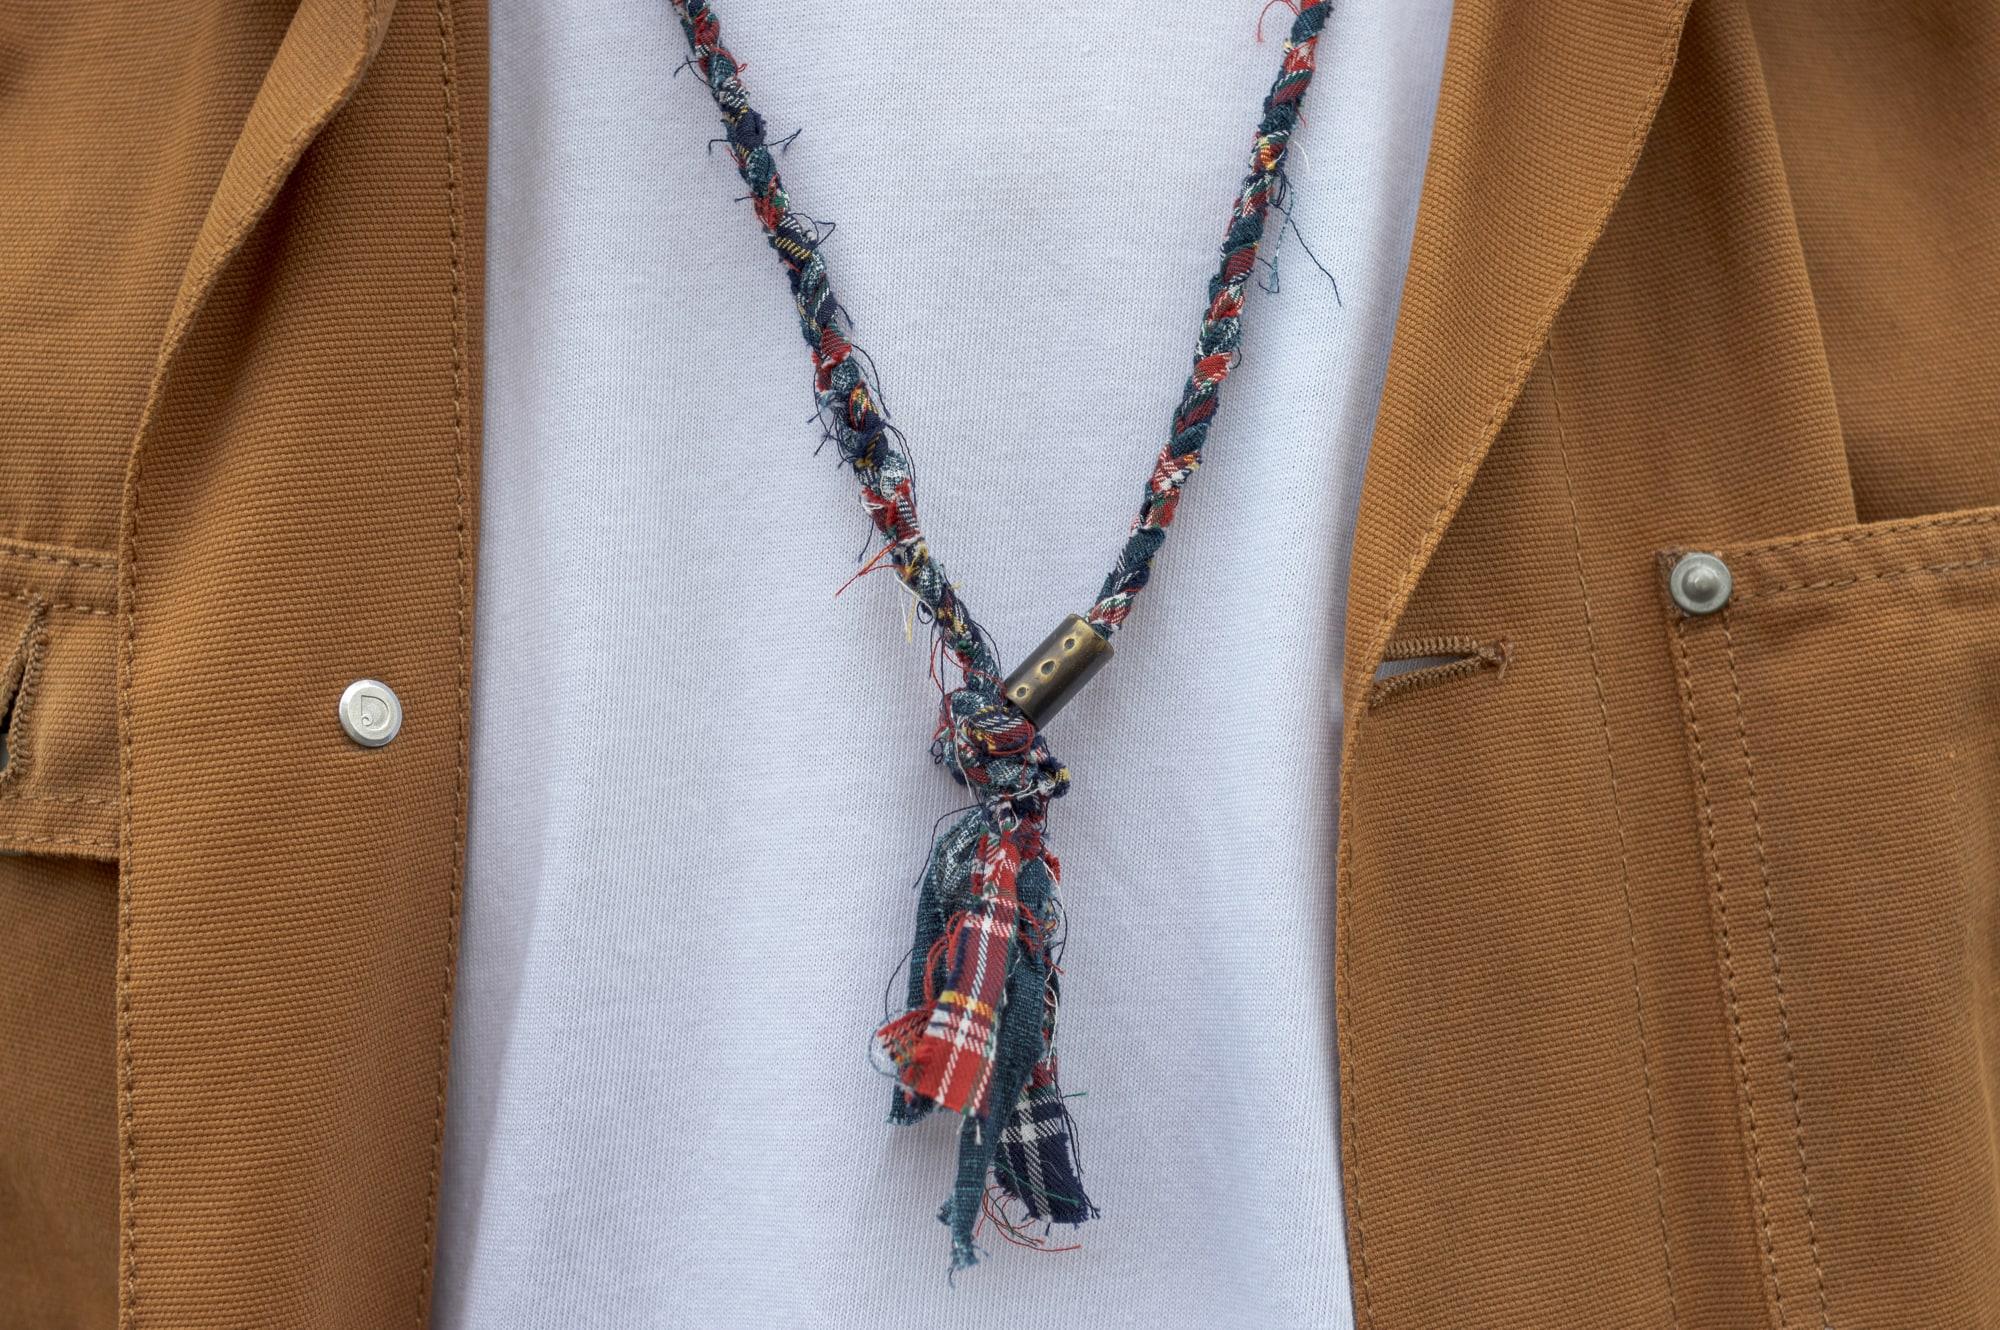 tenue style street heritage workwear d'inspiration japonaise avec une chire jacket michigan Carhartt, un tee Gustin, un jean pure blue japan et des german army trainers de chez adidas et un collier tressé pour homme Borali